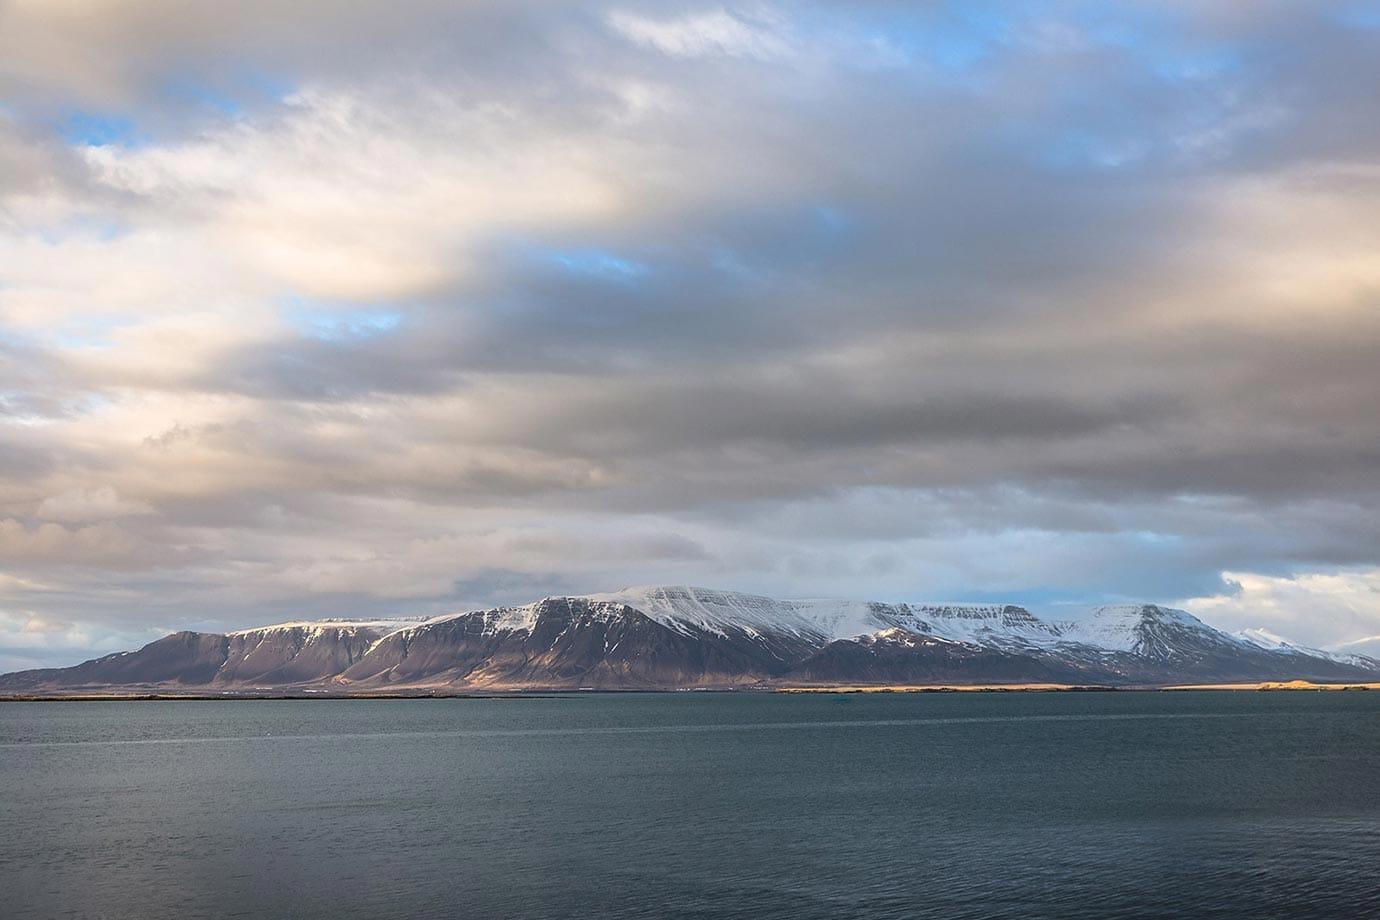 Mountains in Reykjavik, Iceland